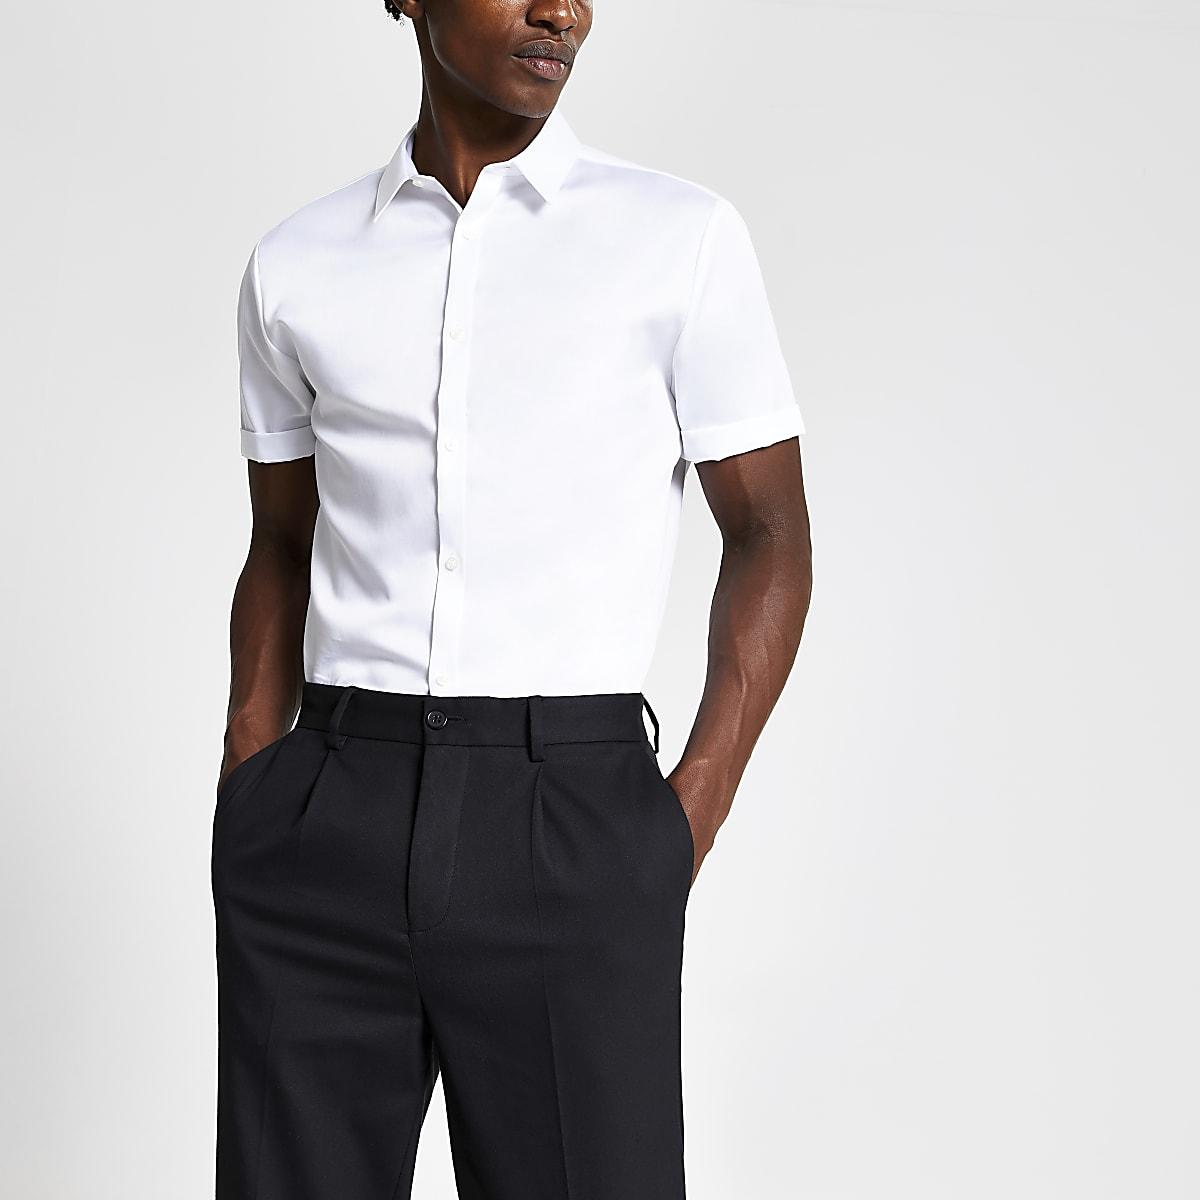 Chemise slim dequalitésupérieure blanche à manches courtes